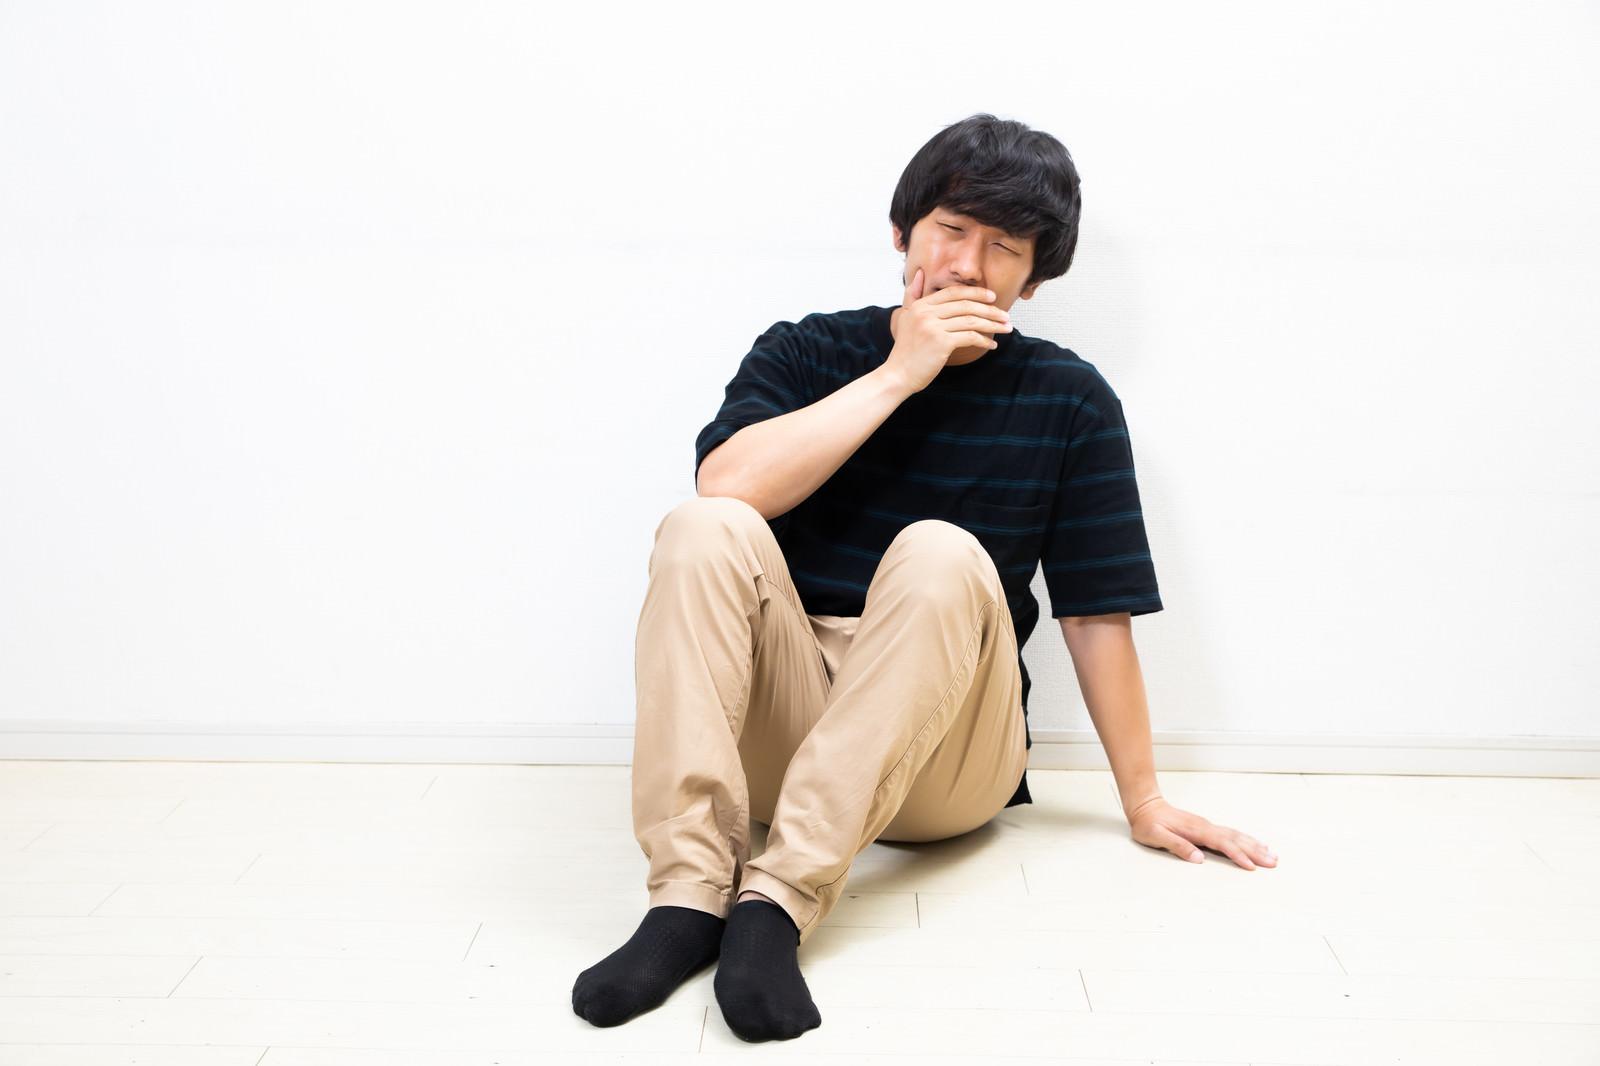 「足痺れてもうた」の写真[モデル:大川竜弥]